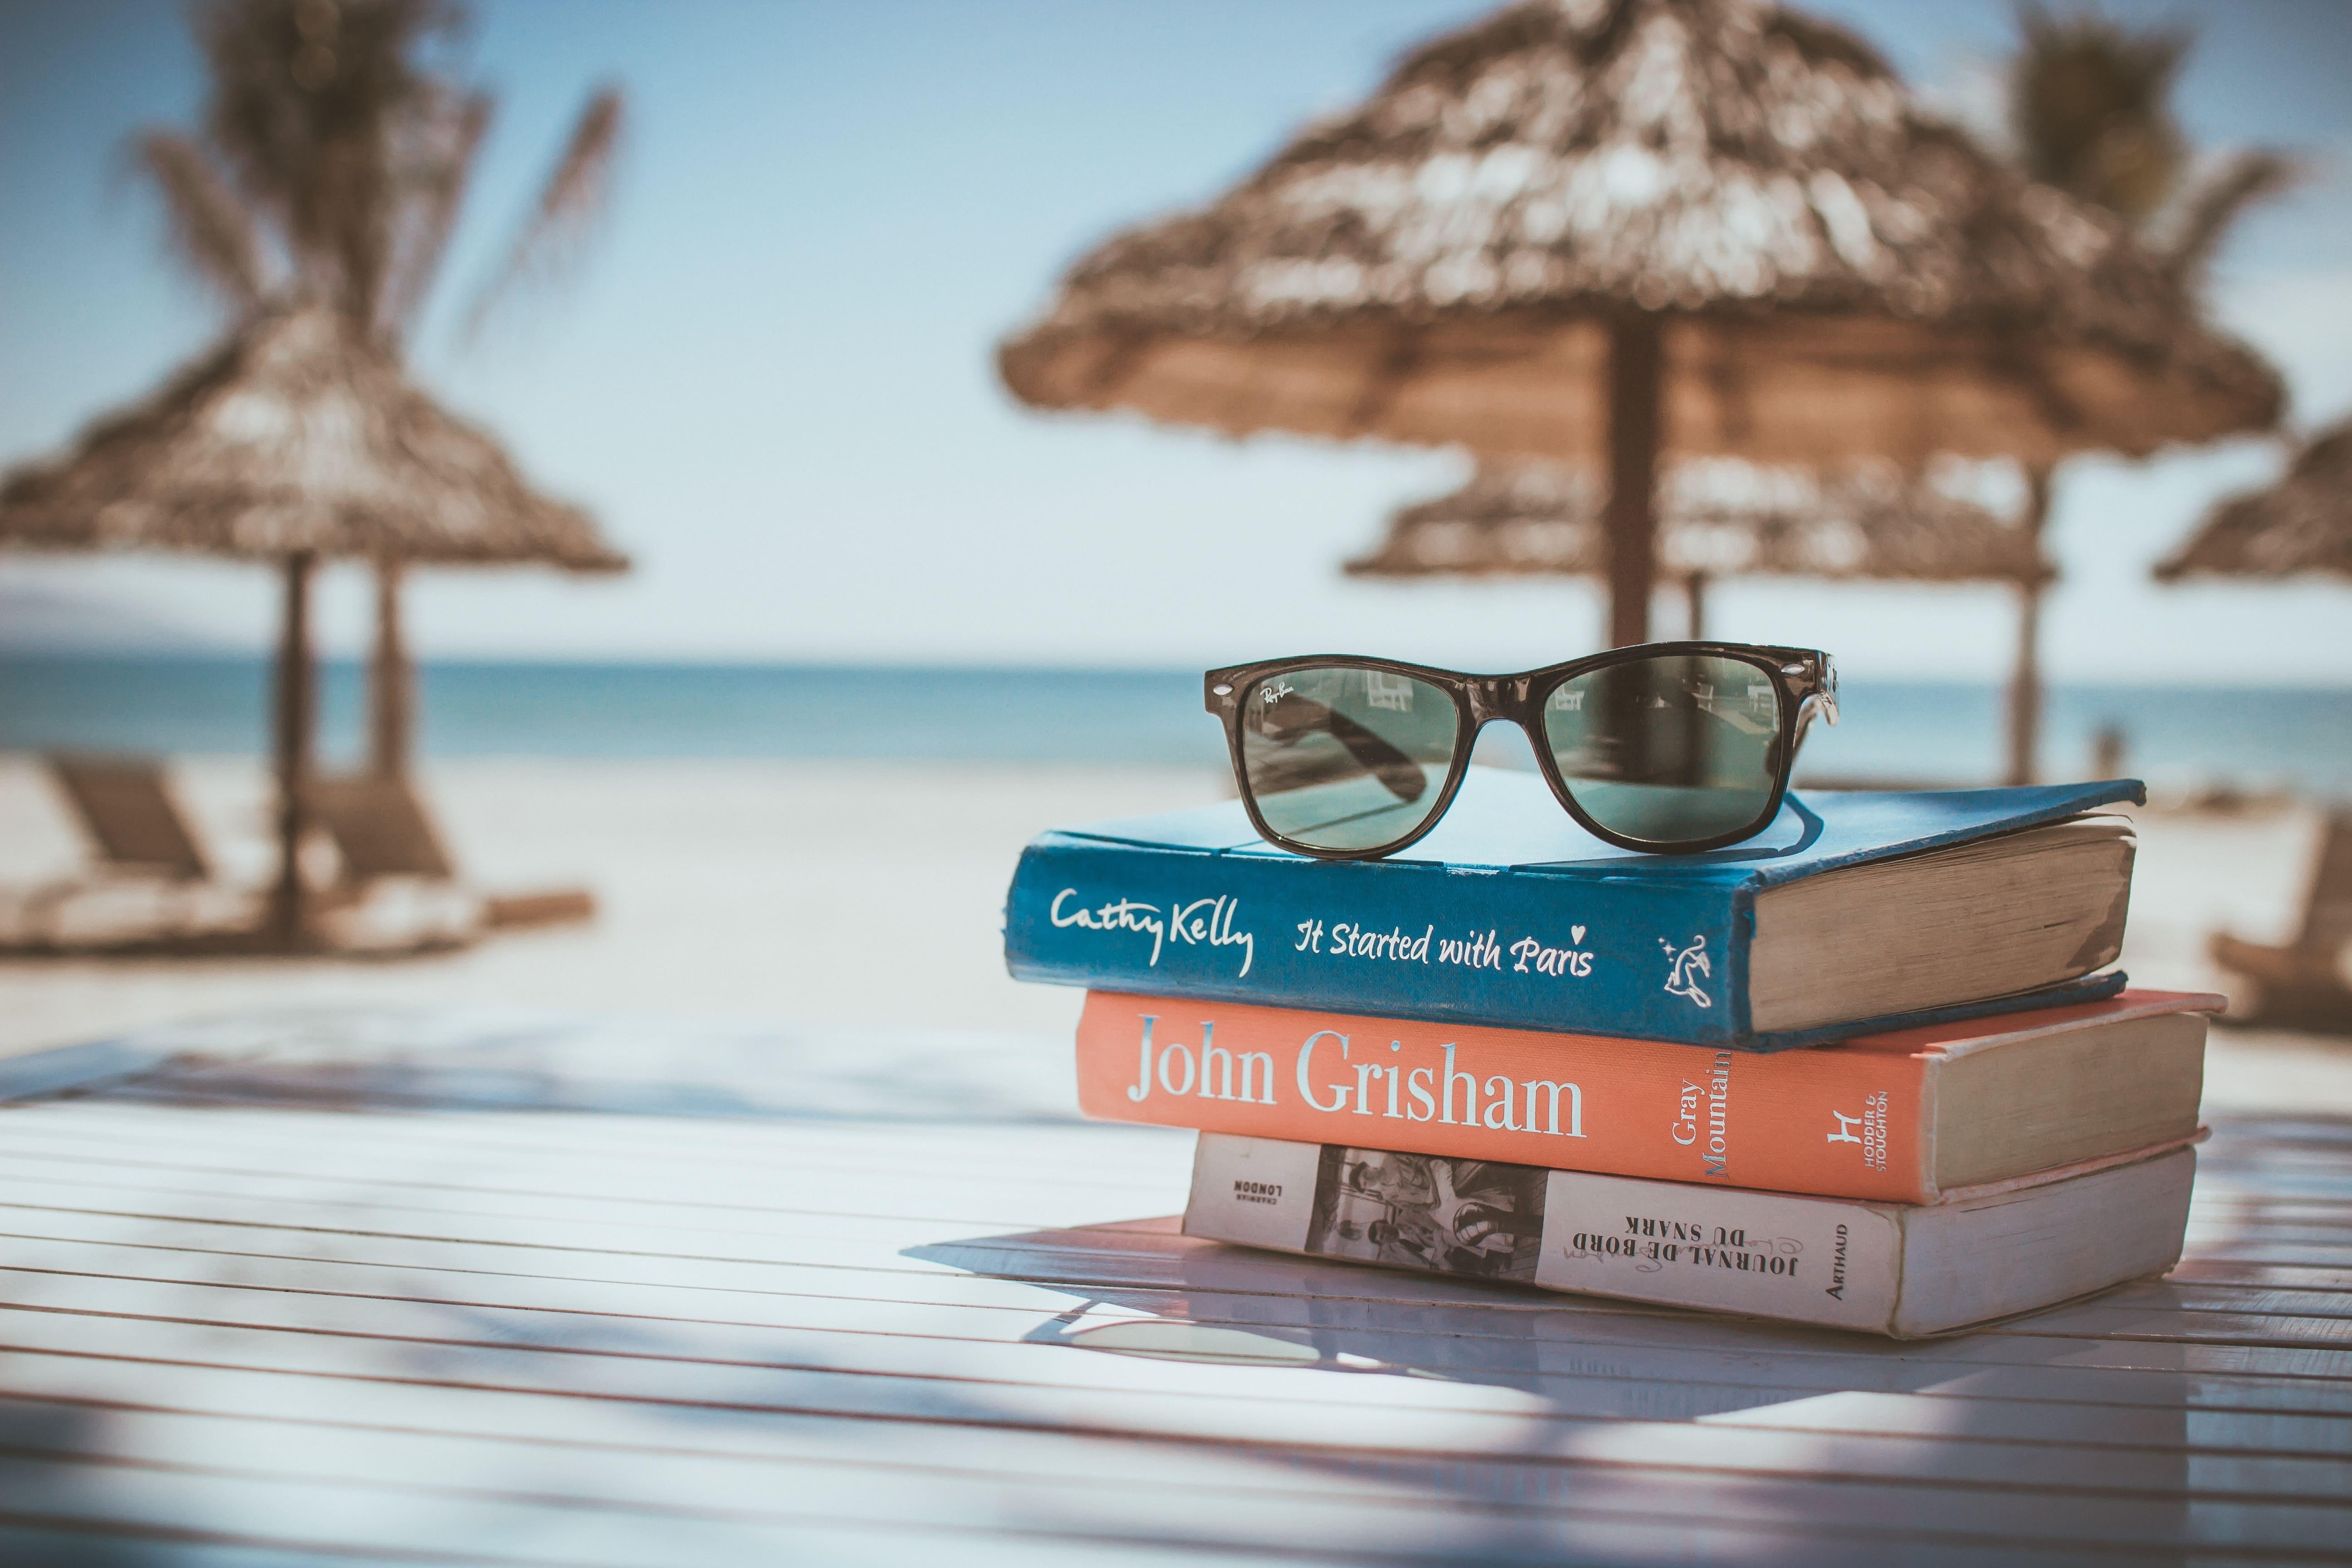 plage+livres+lunettes